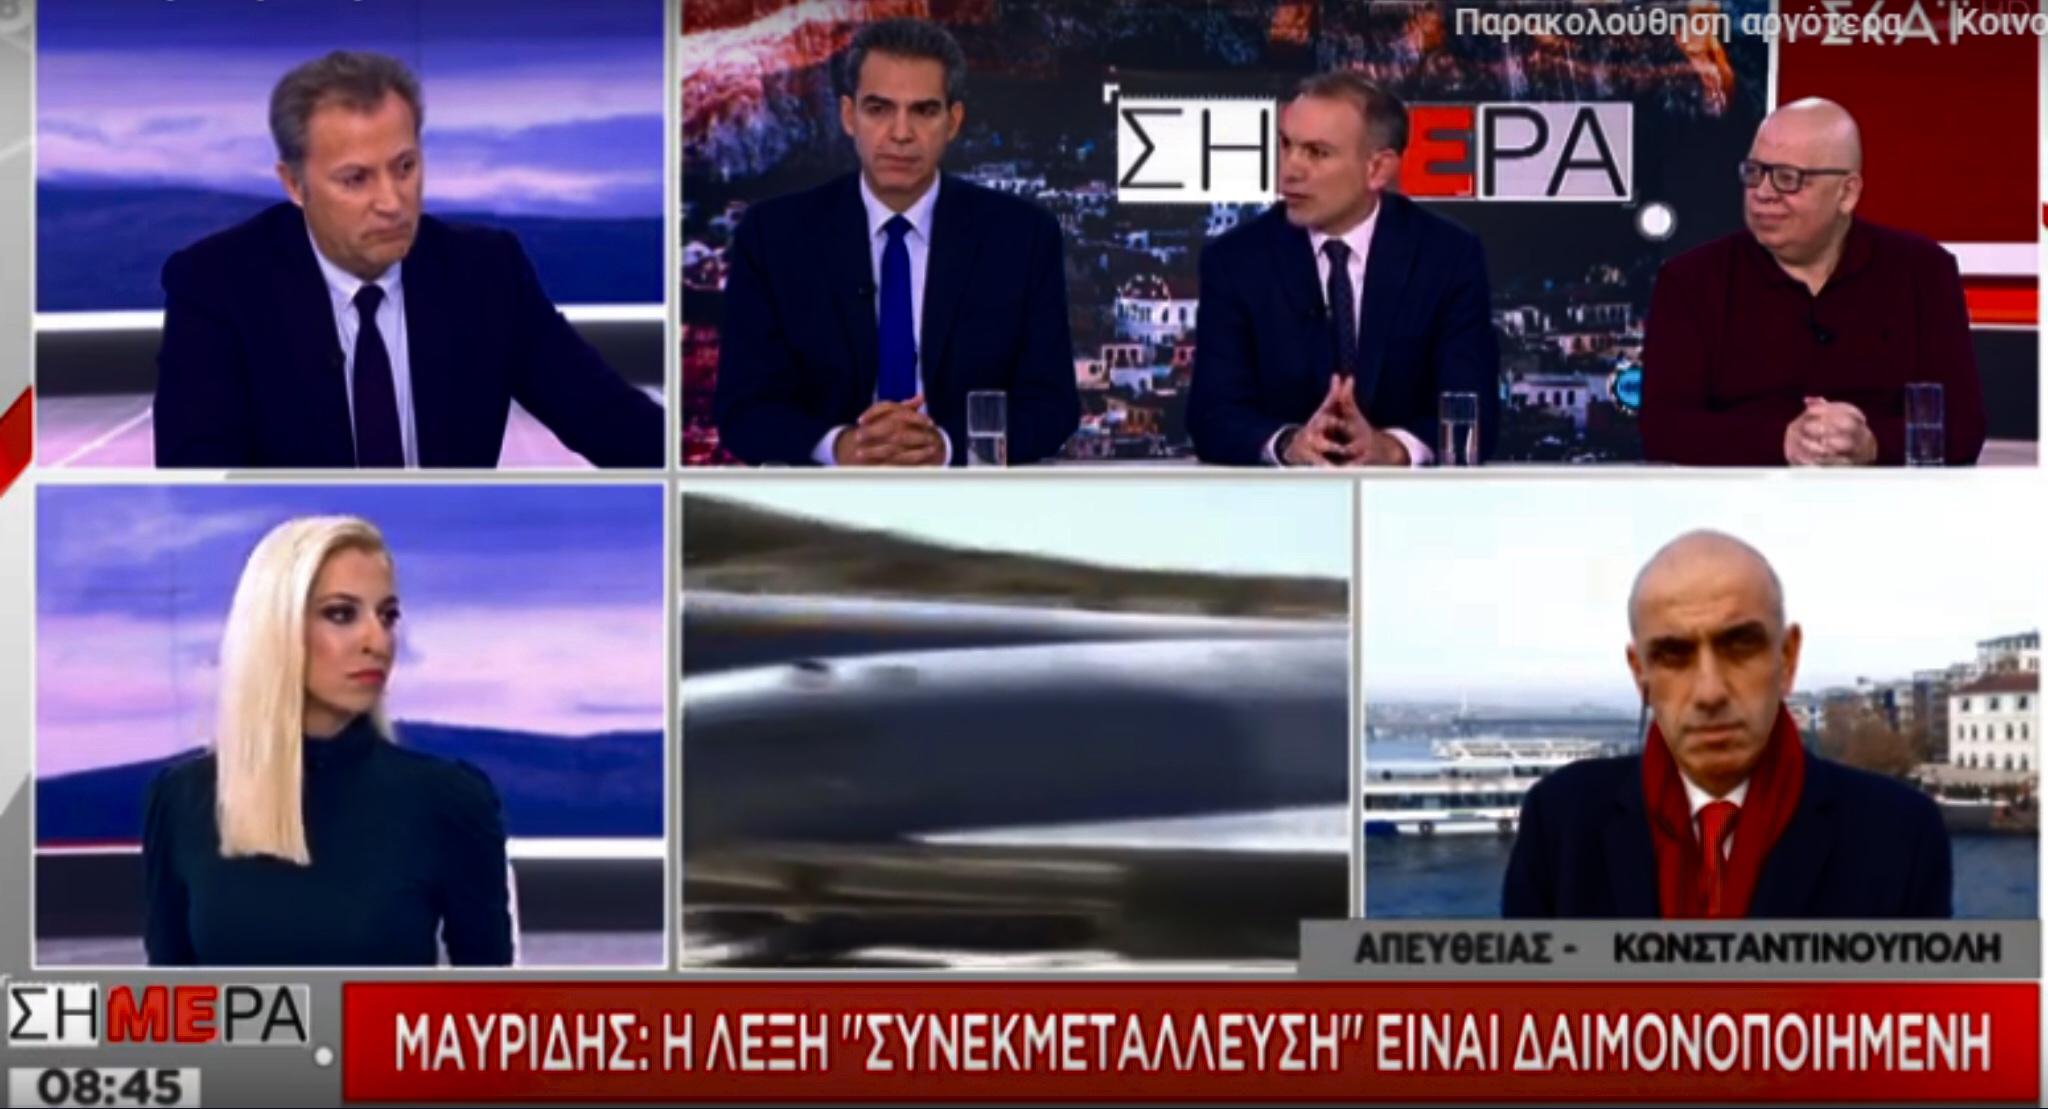 «Η συνεκμετάλλευση του Αιγαίου είναι ο δρόμος της λογικής» λέει ο εκδότης του ΦΙΛΕΥΘΕΡΟΣ στο τουρκοκαναλο του ΣΚΑΪ [video]